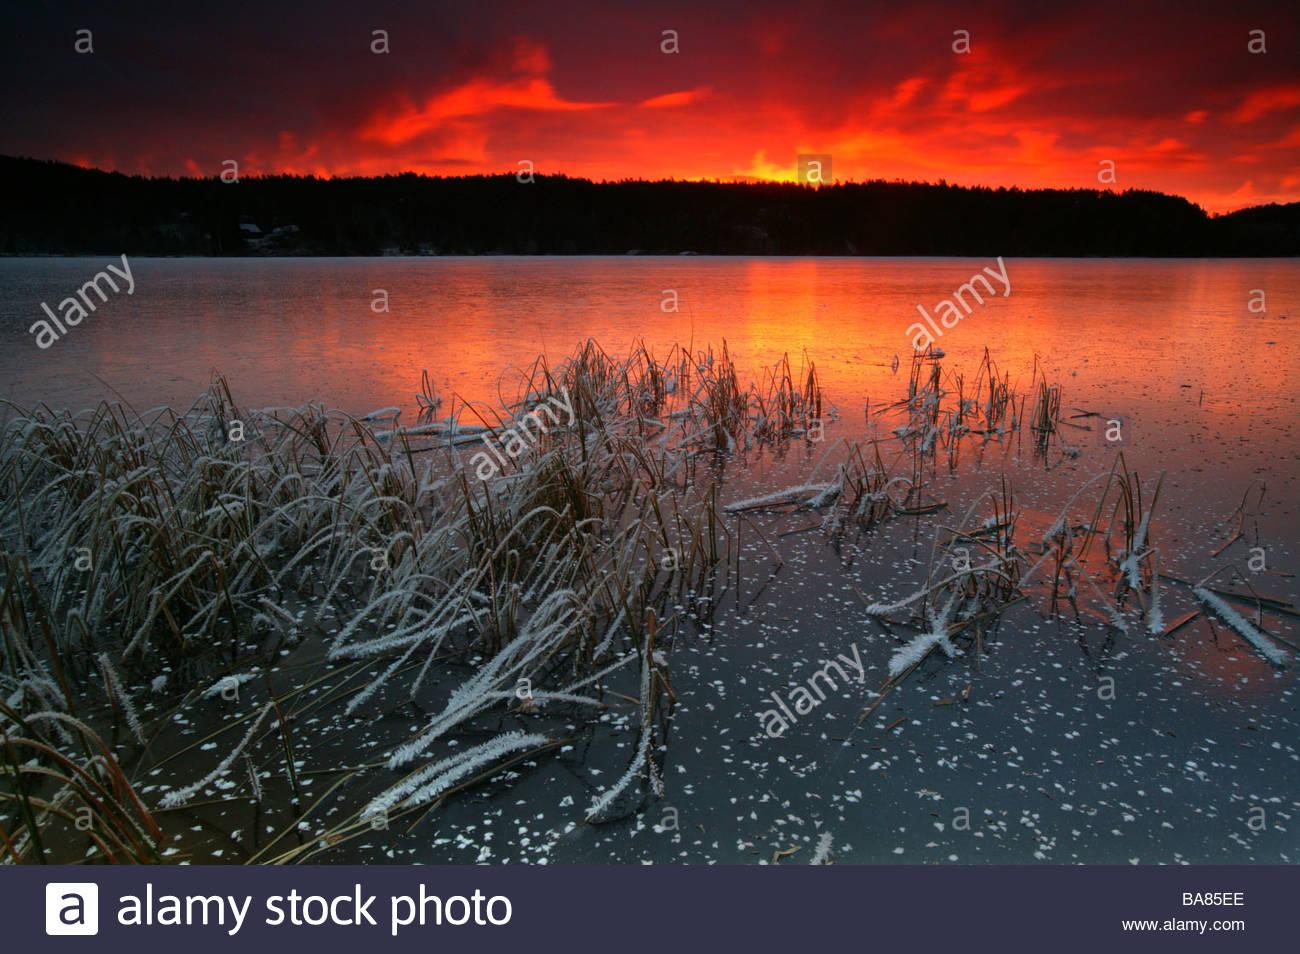 Alba sul lago Ravnsjø in Våler kommune, Østfold fylke, Norvegia. Immagini Stock